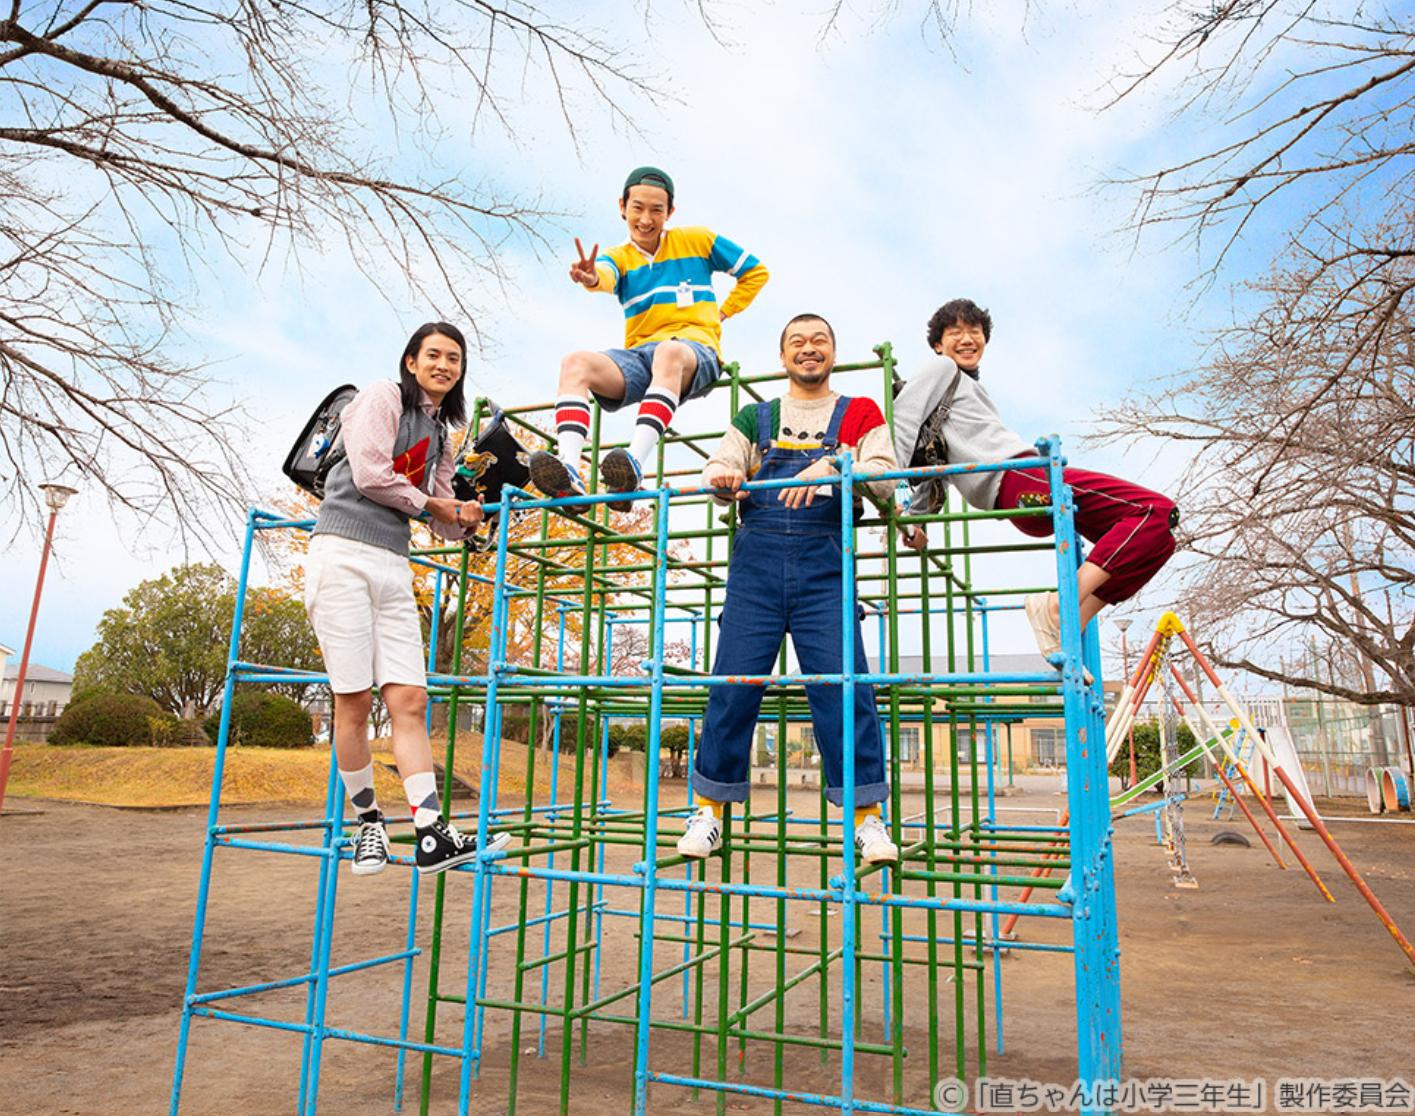 <ドラマ25「直ちゃんは小学三年生」>(テレビ東京)<br /> 小学生をまともに演じる大人たち。今のようでもあり、平成、昭和のようでもある不思議な世界。テレ東にまたしてやられた